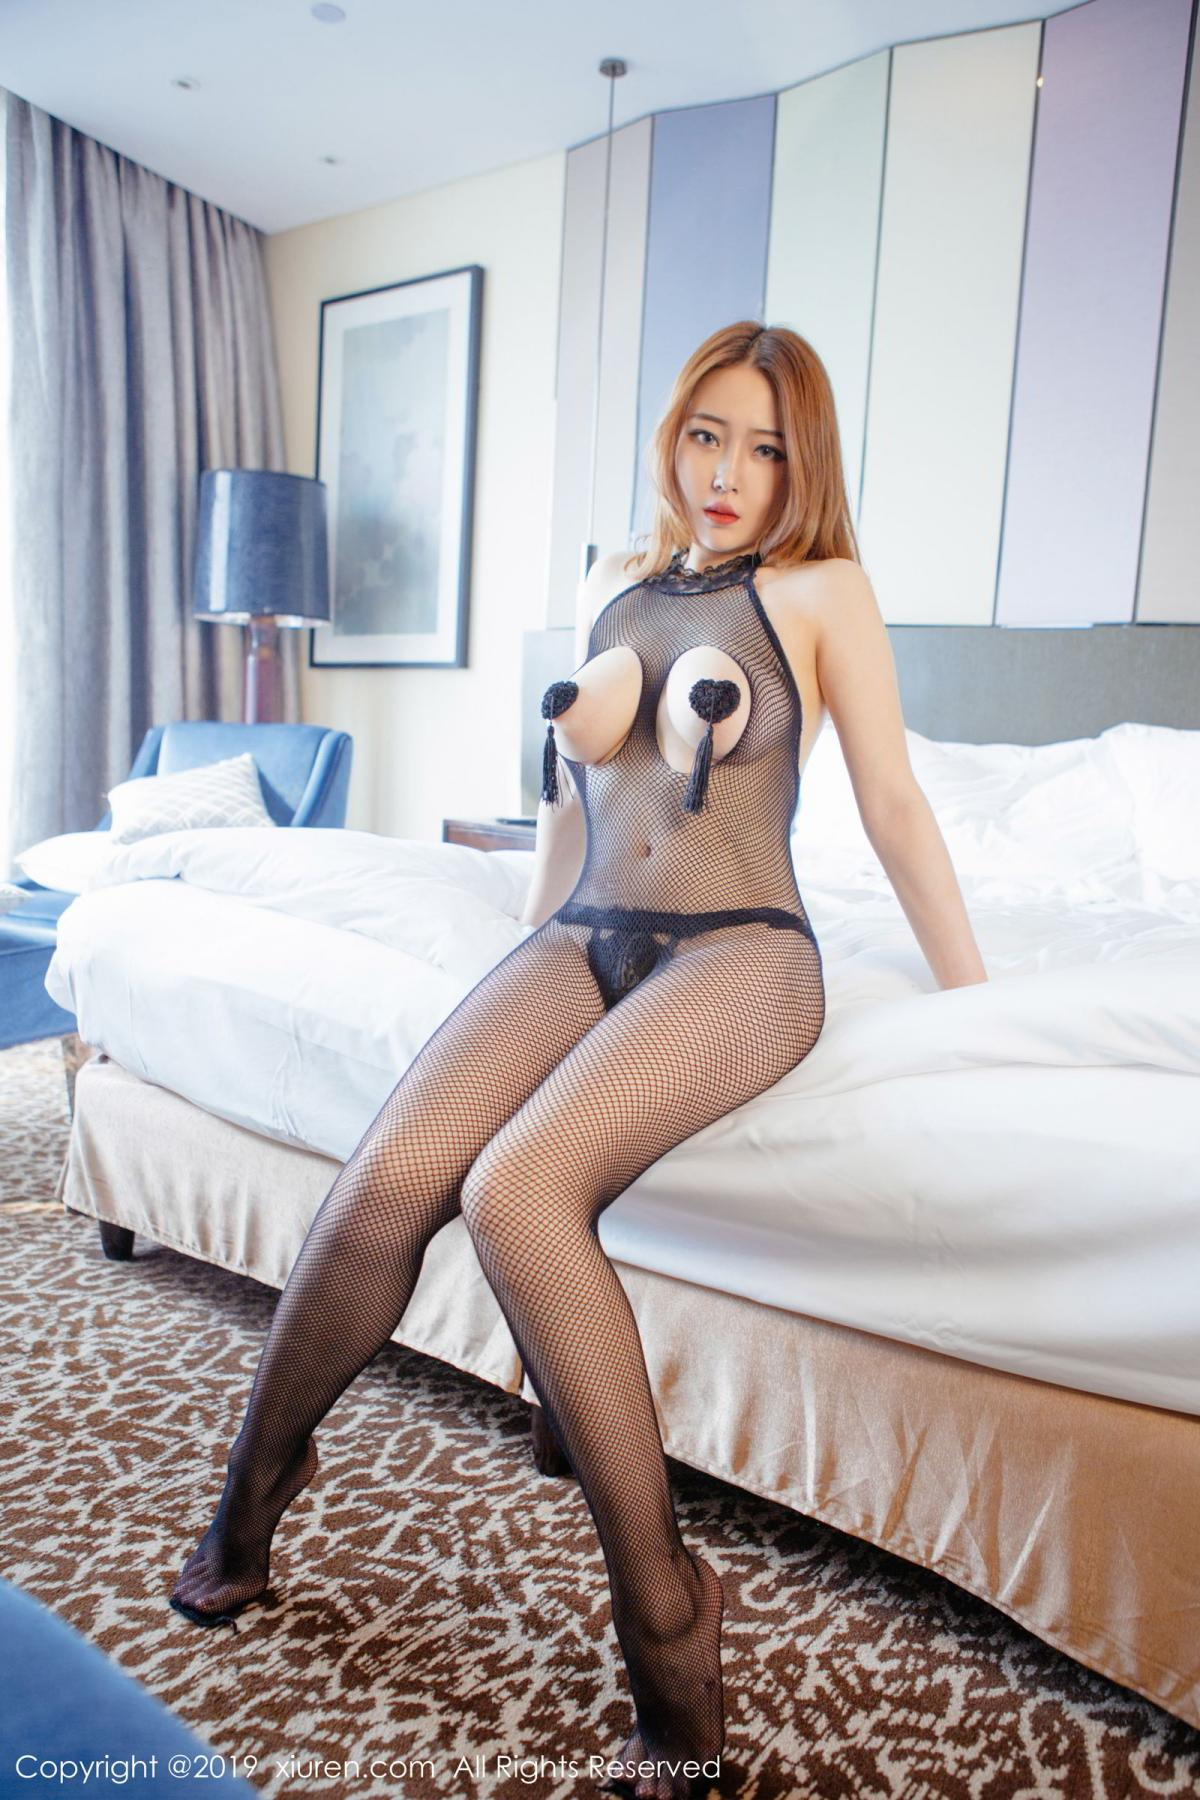 [XiuRen] Vol.1481 Yao A Yao De Yao 35P, Adult, Xiuren, Yao A Yao De Yao